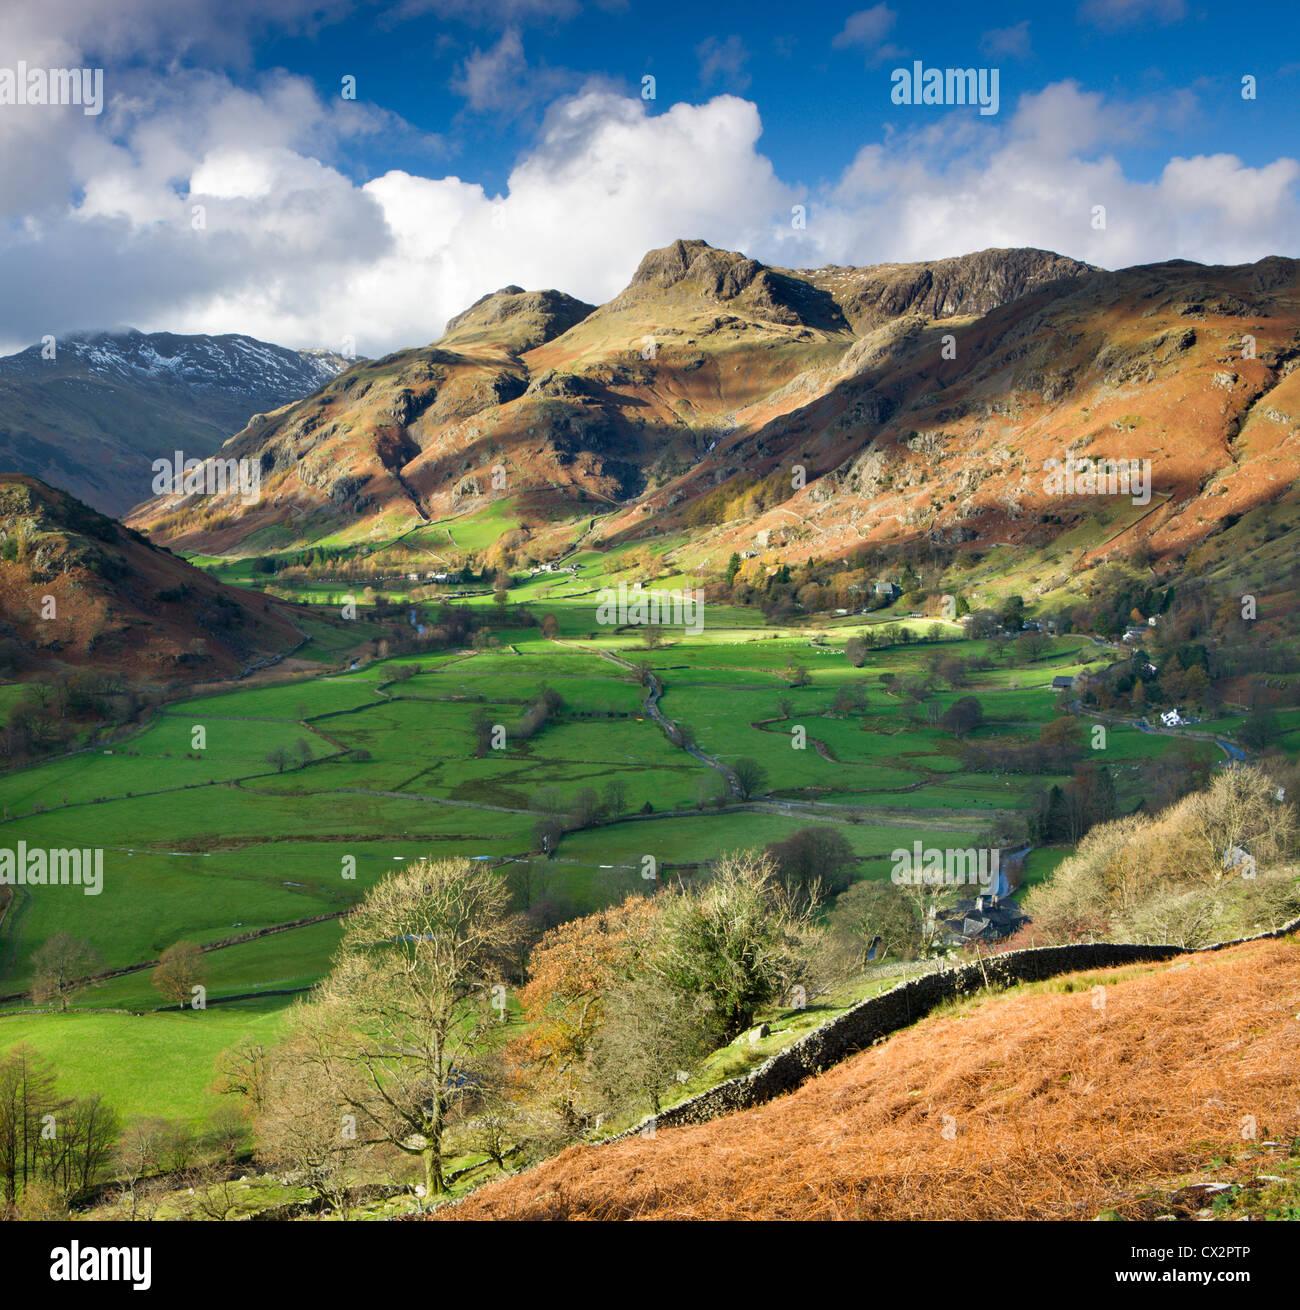 Elterwater et les Langdale Pikes, Parc National de Lake District, Cumbria, Angleterre. L'automne (novembre) Photo Stock